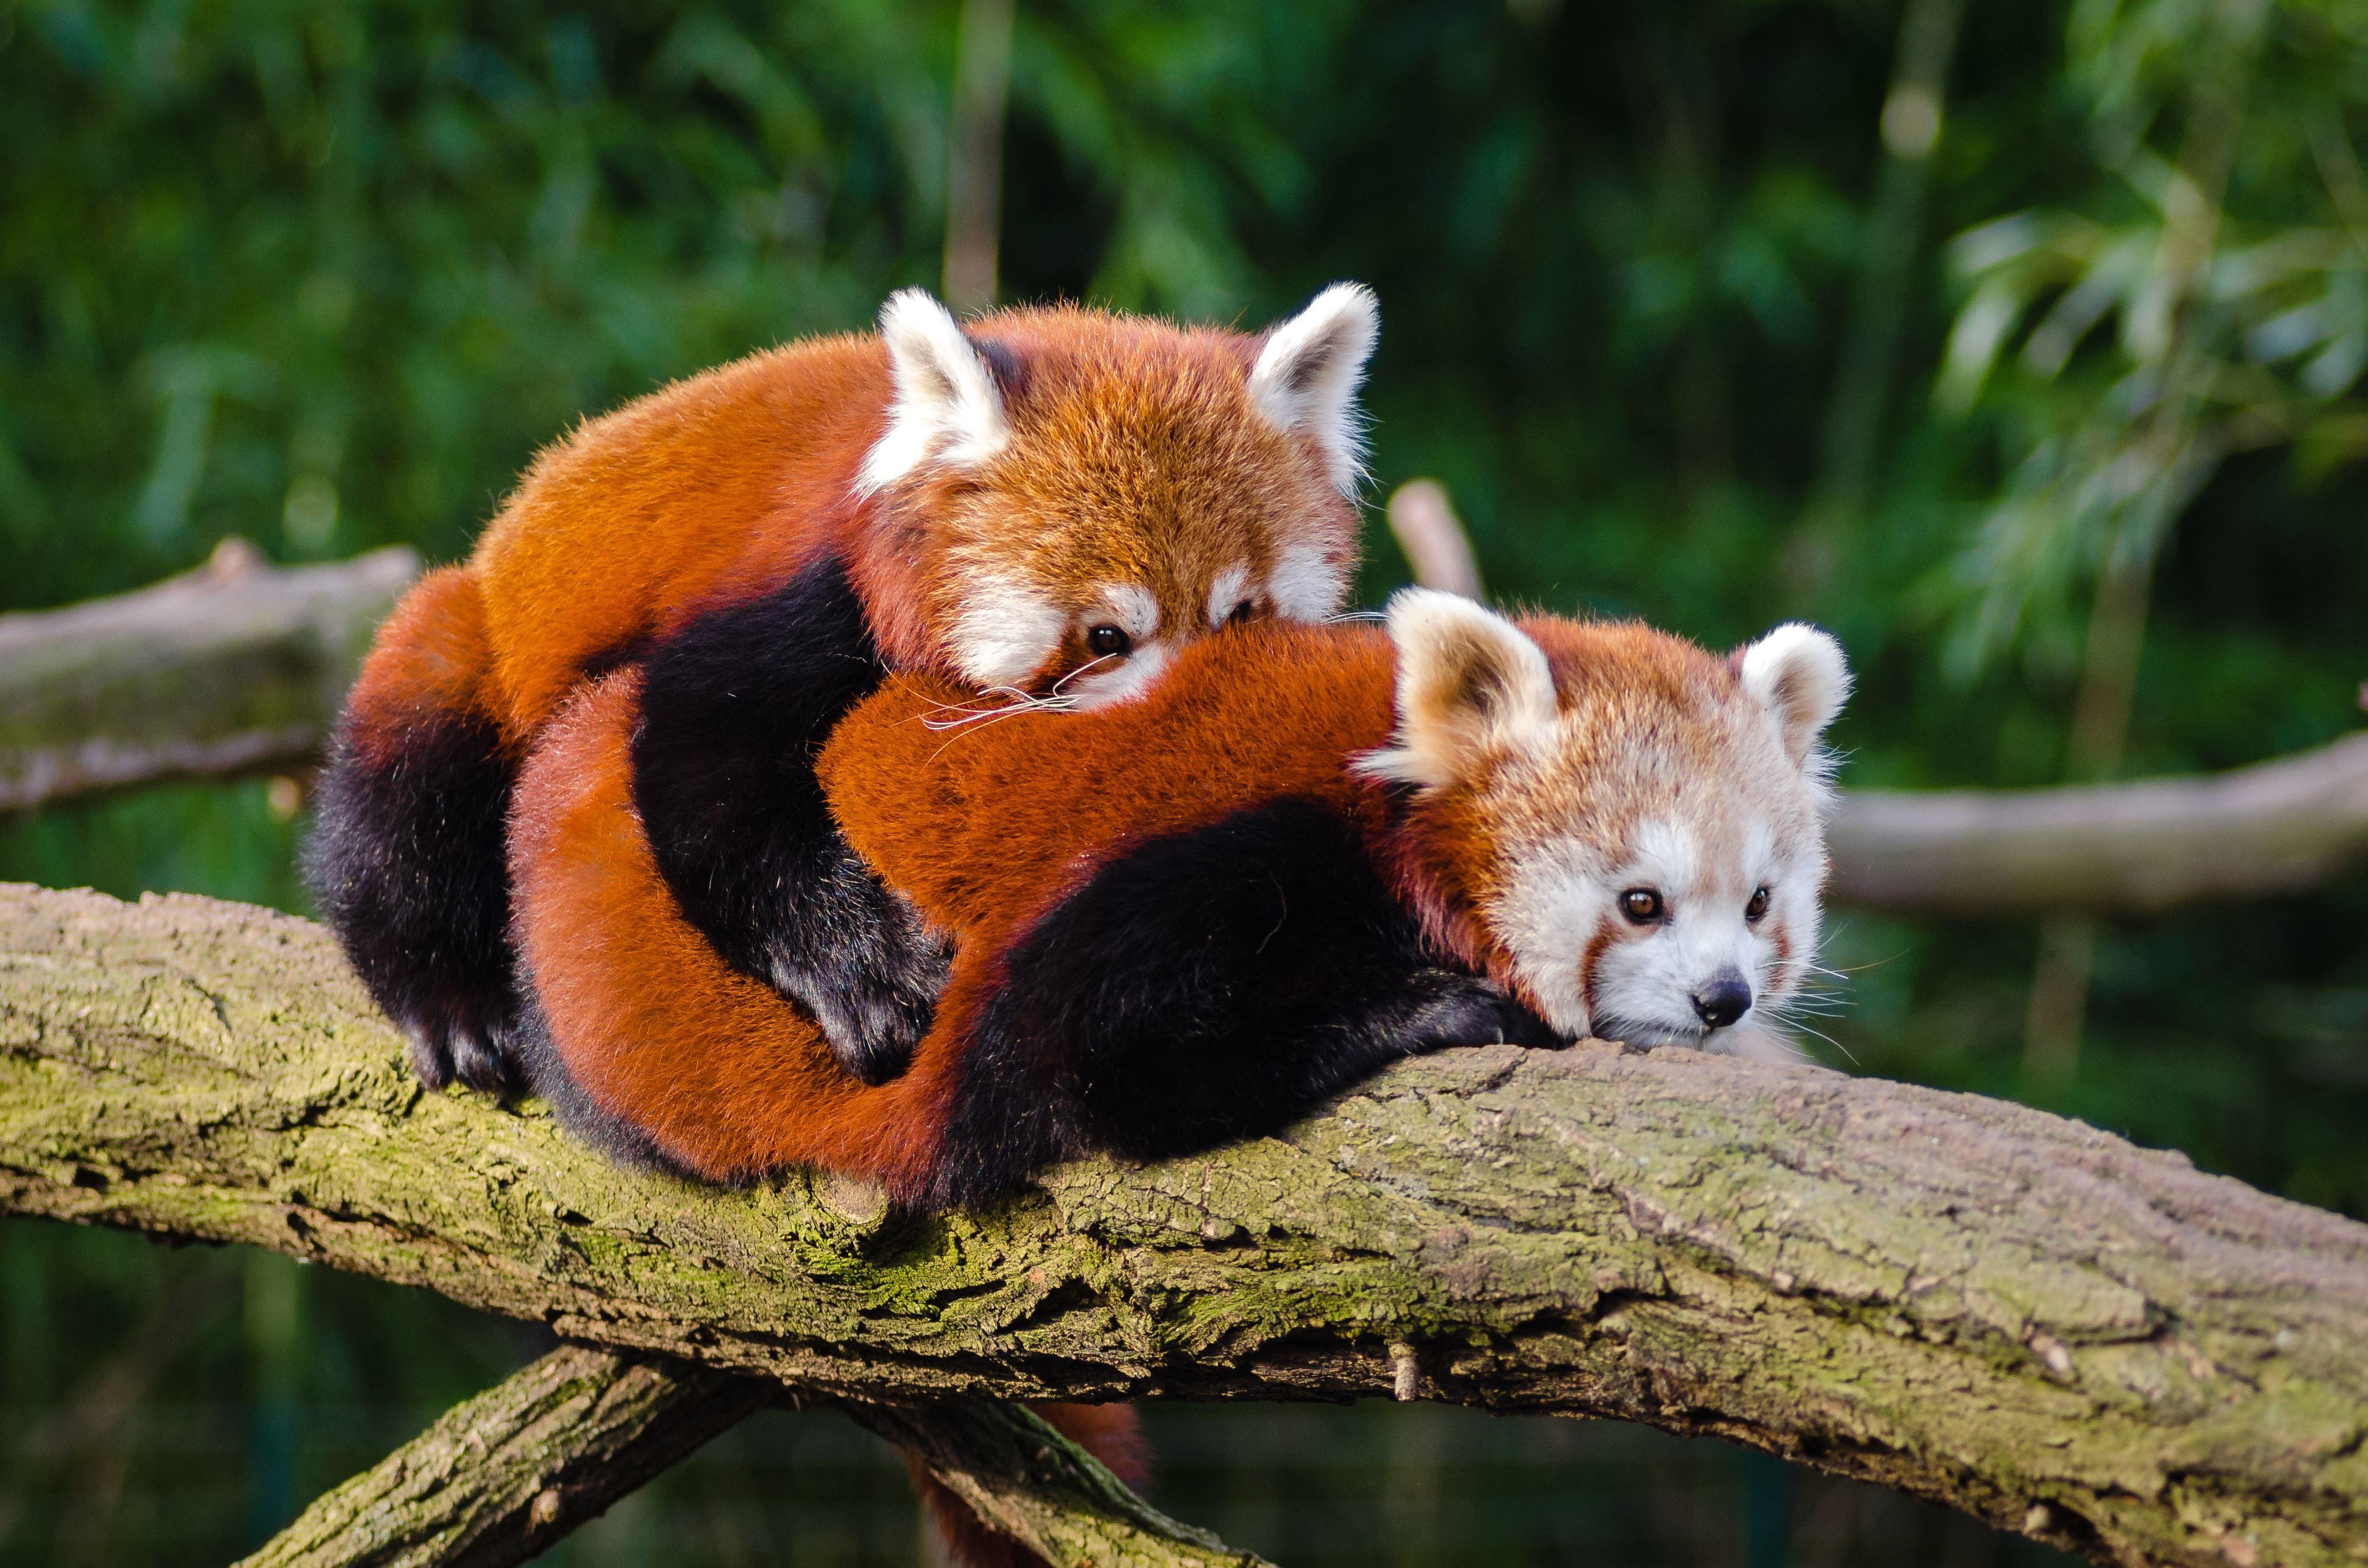 Image Libre Panda Rouge Arbre Branche La Faune Bois